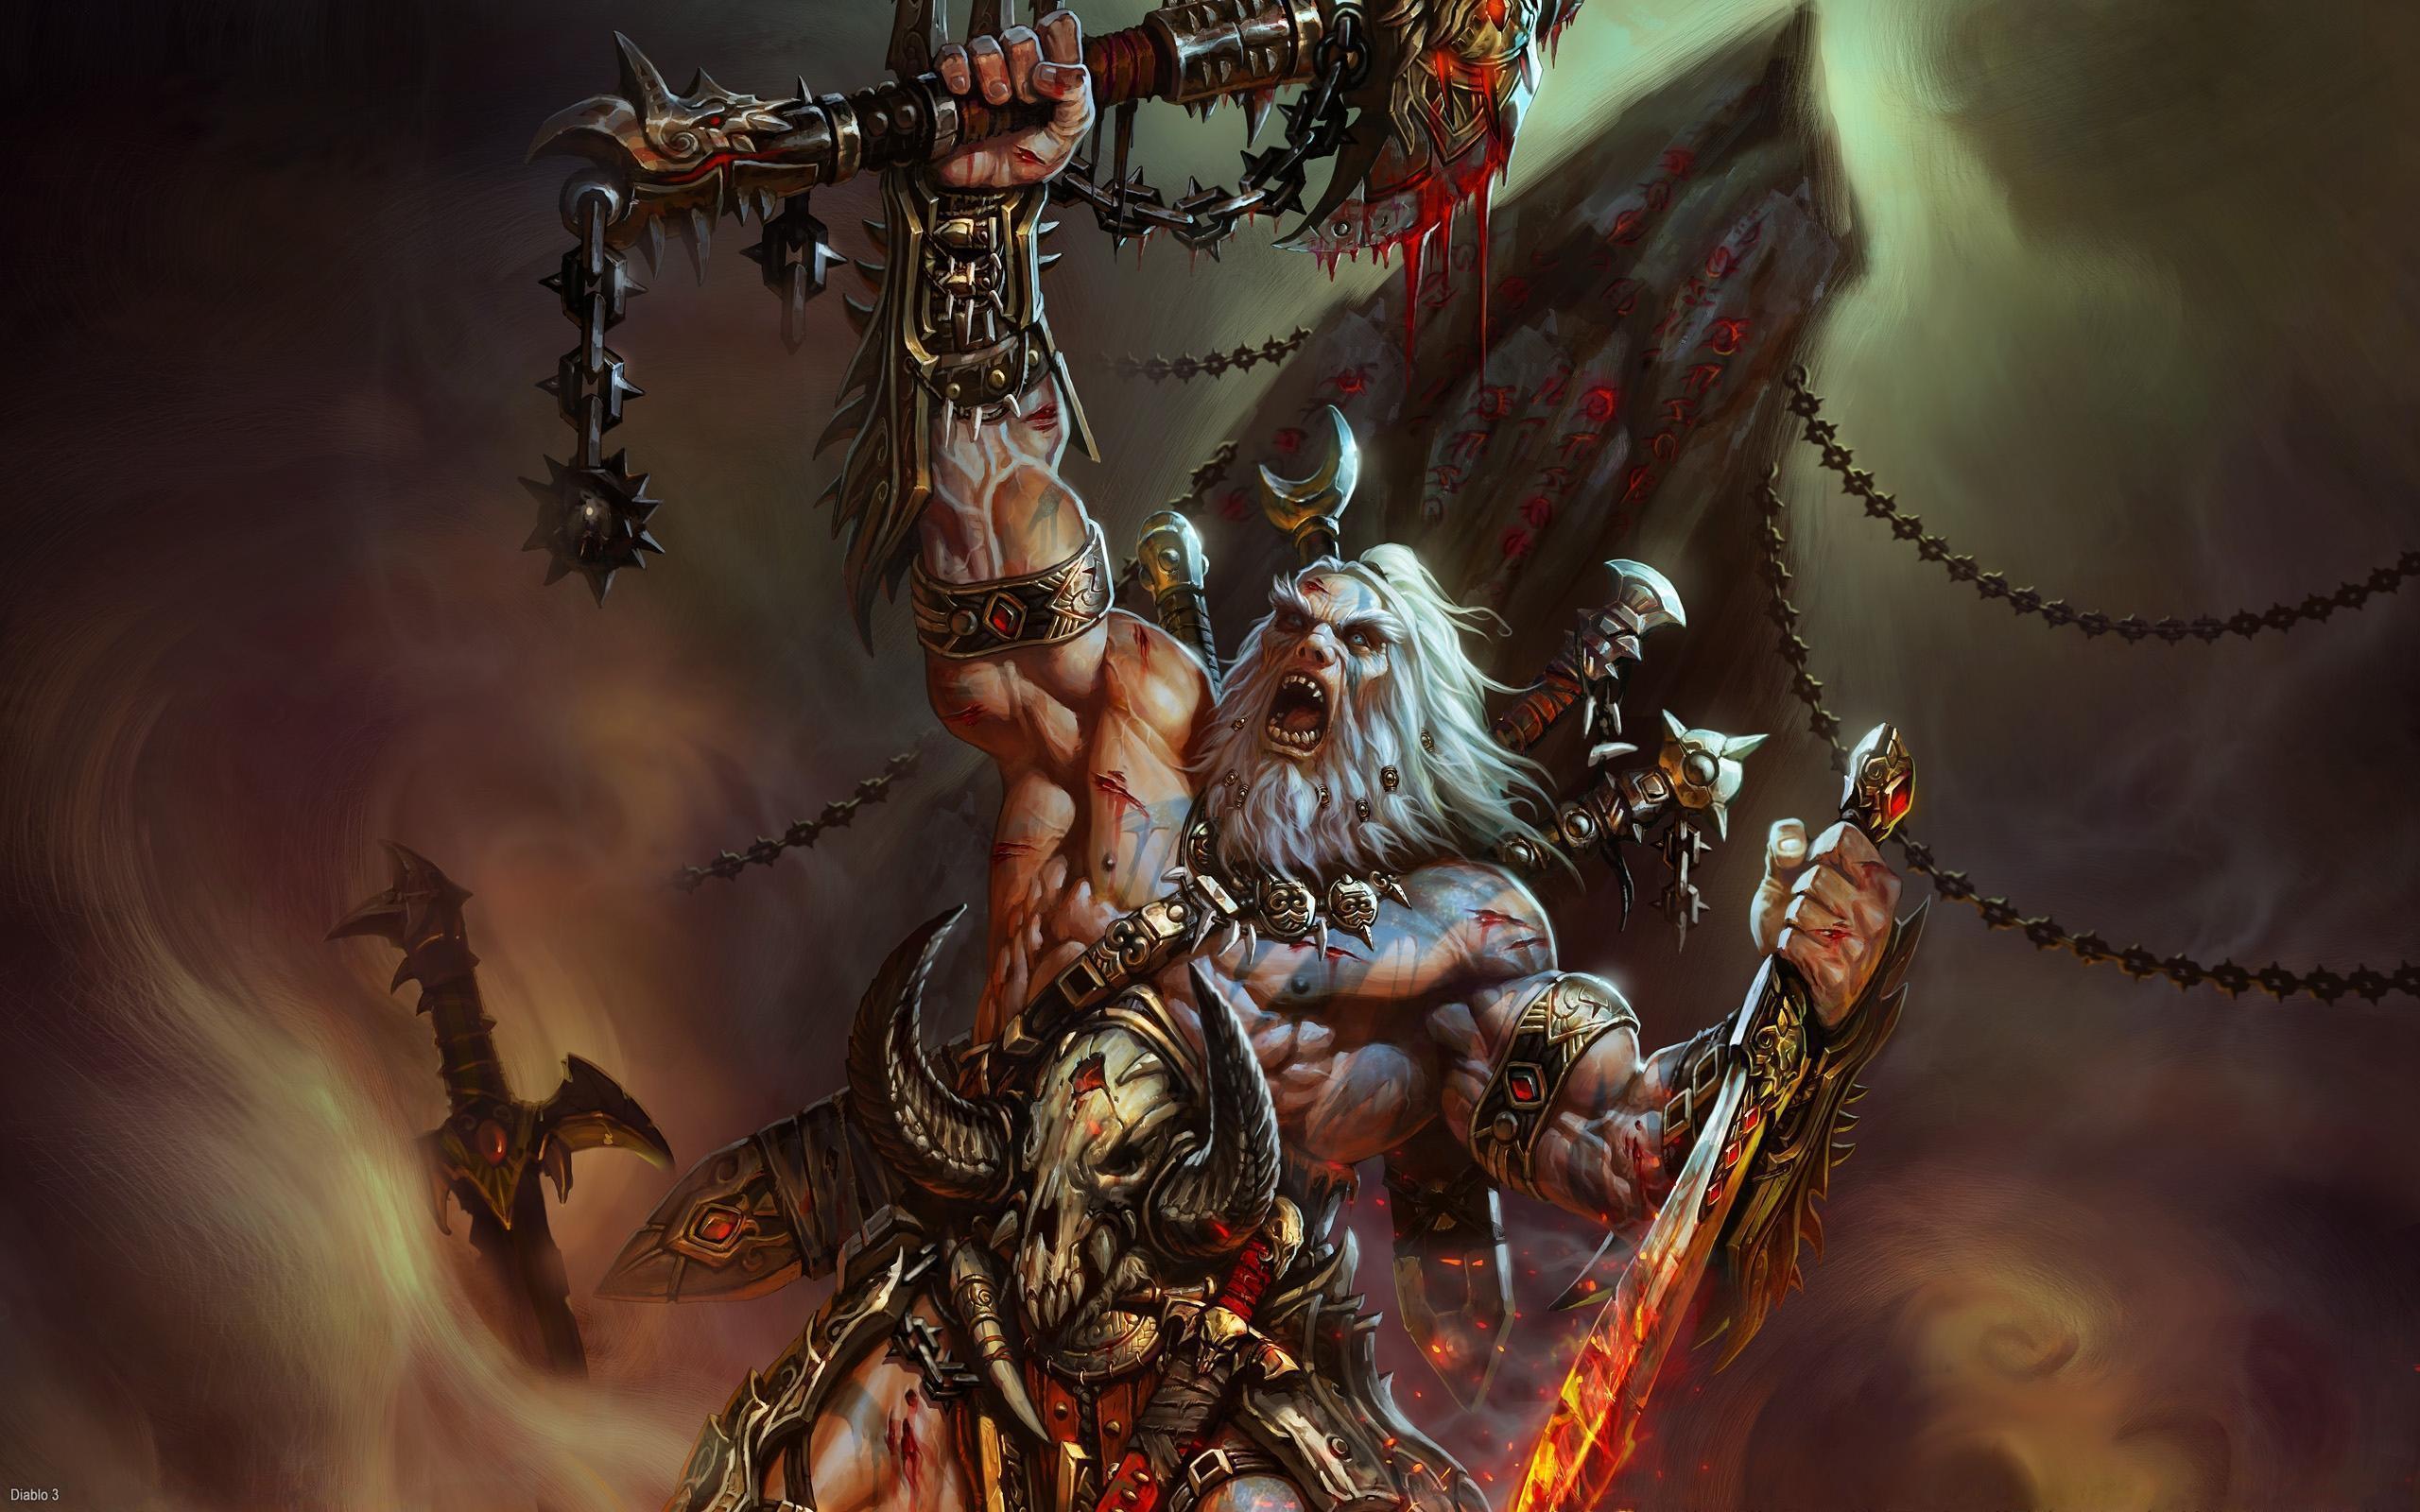 the Diablo 3 Warrior Wallpaper Diablo 3 Warrior iPhone Wallpaper 2560x1600